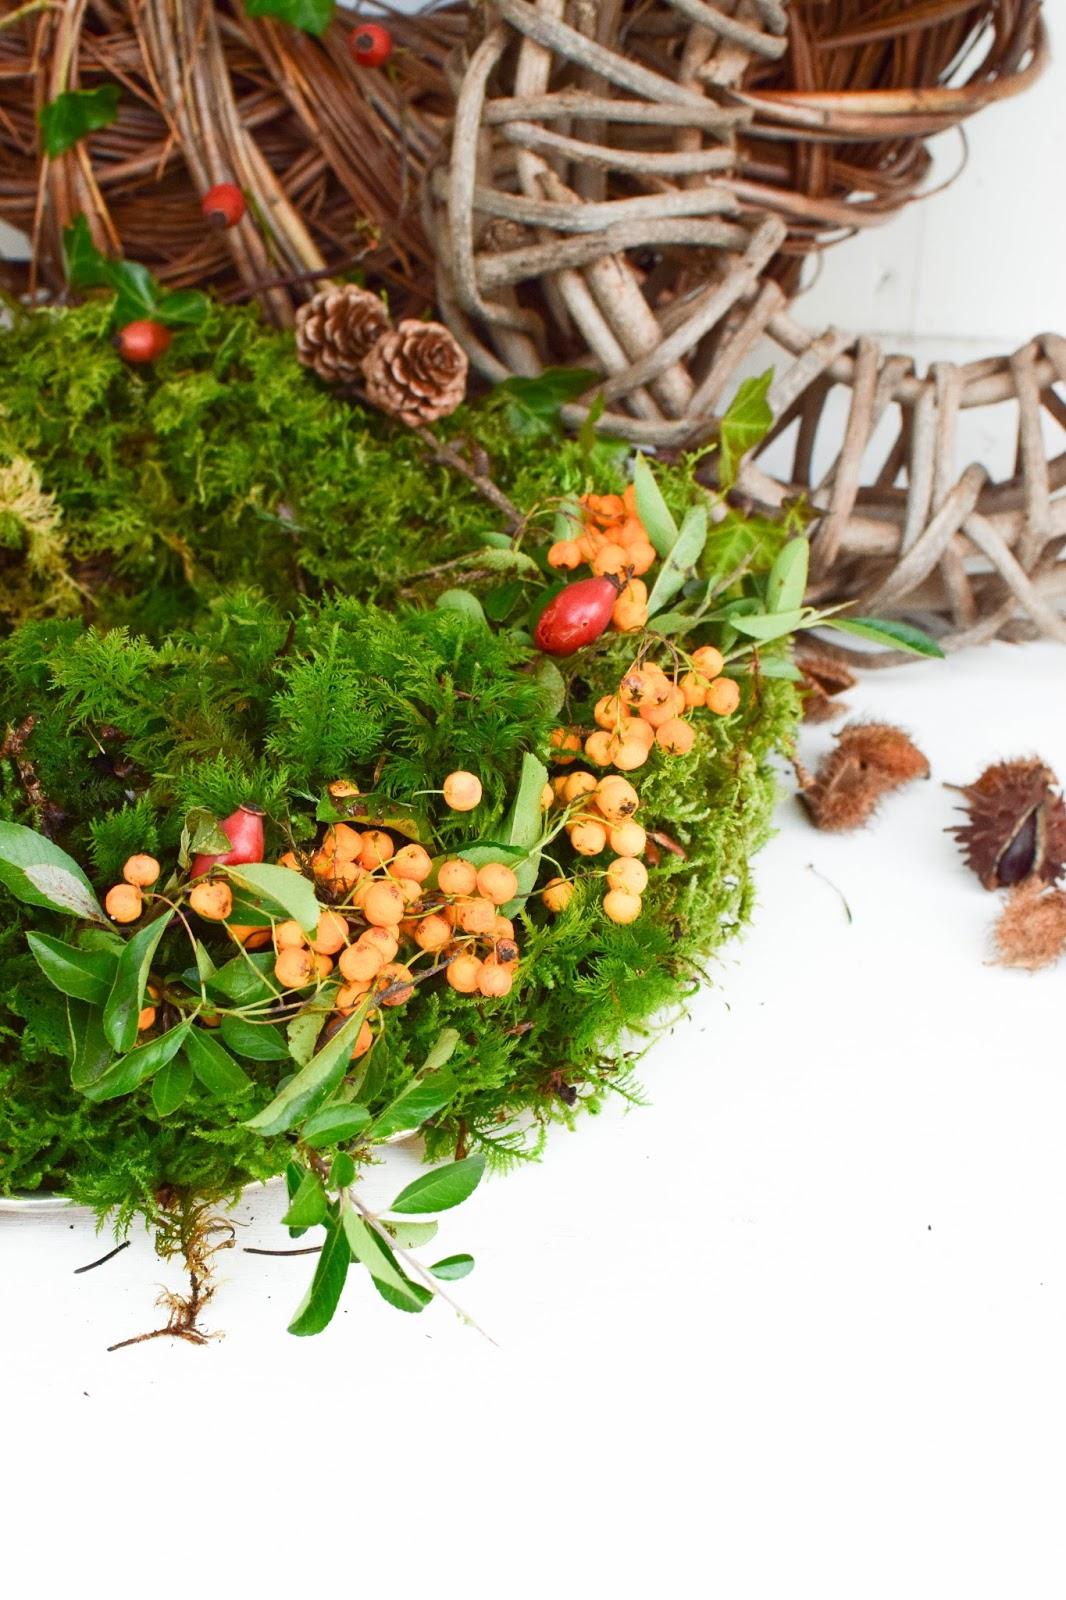 Kranz aus Moos selber machen. DIY Mooskranz einfach und schnell für Herbst und Winter die perfekte Deko